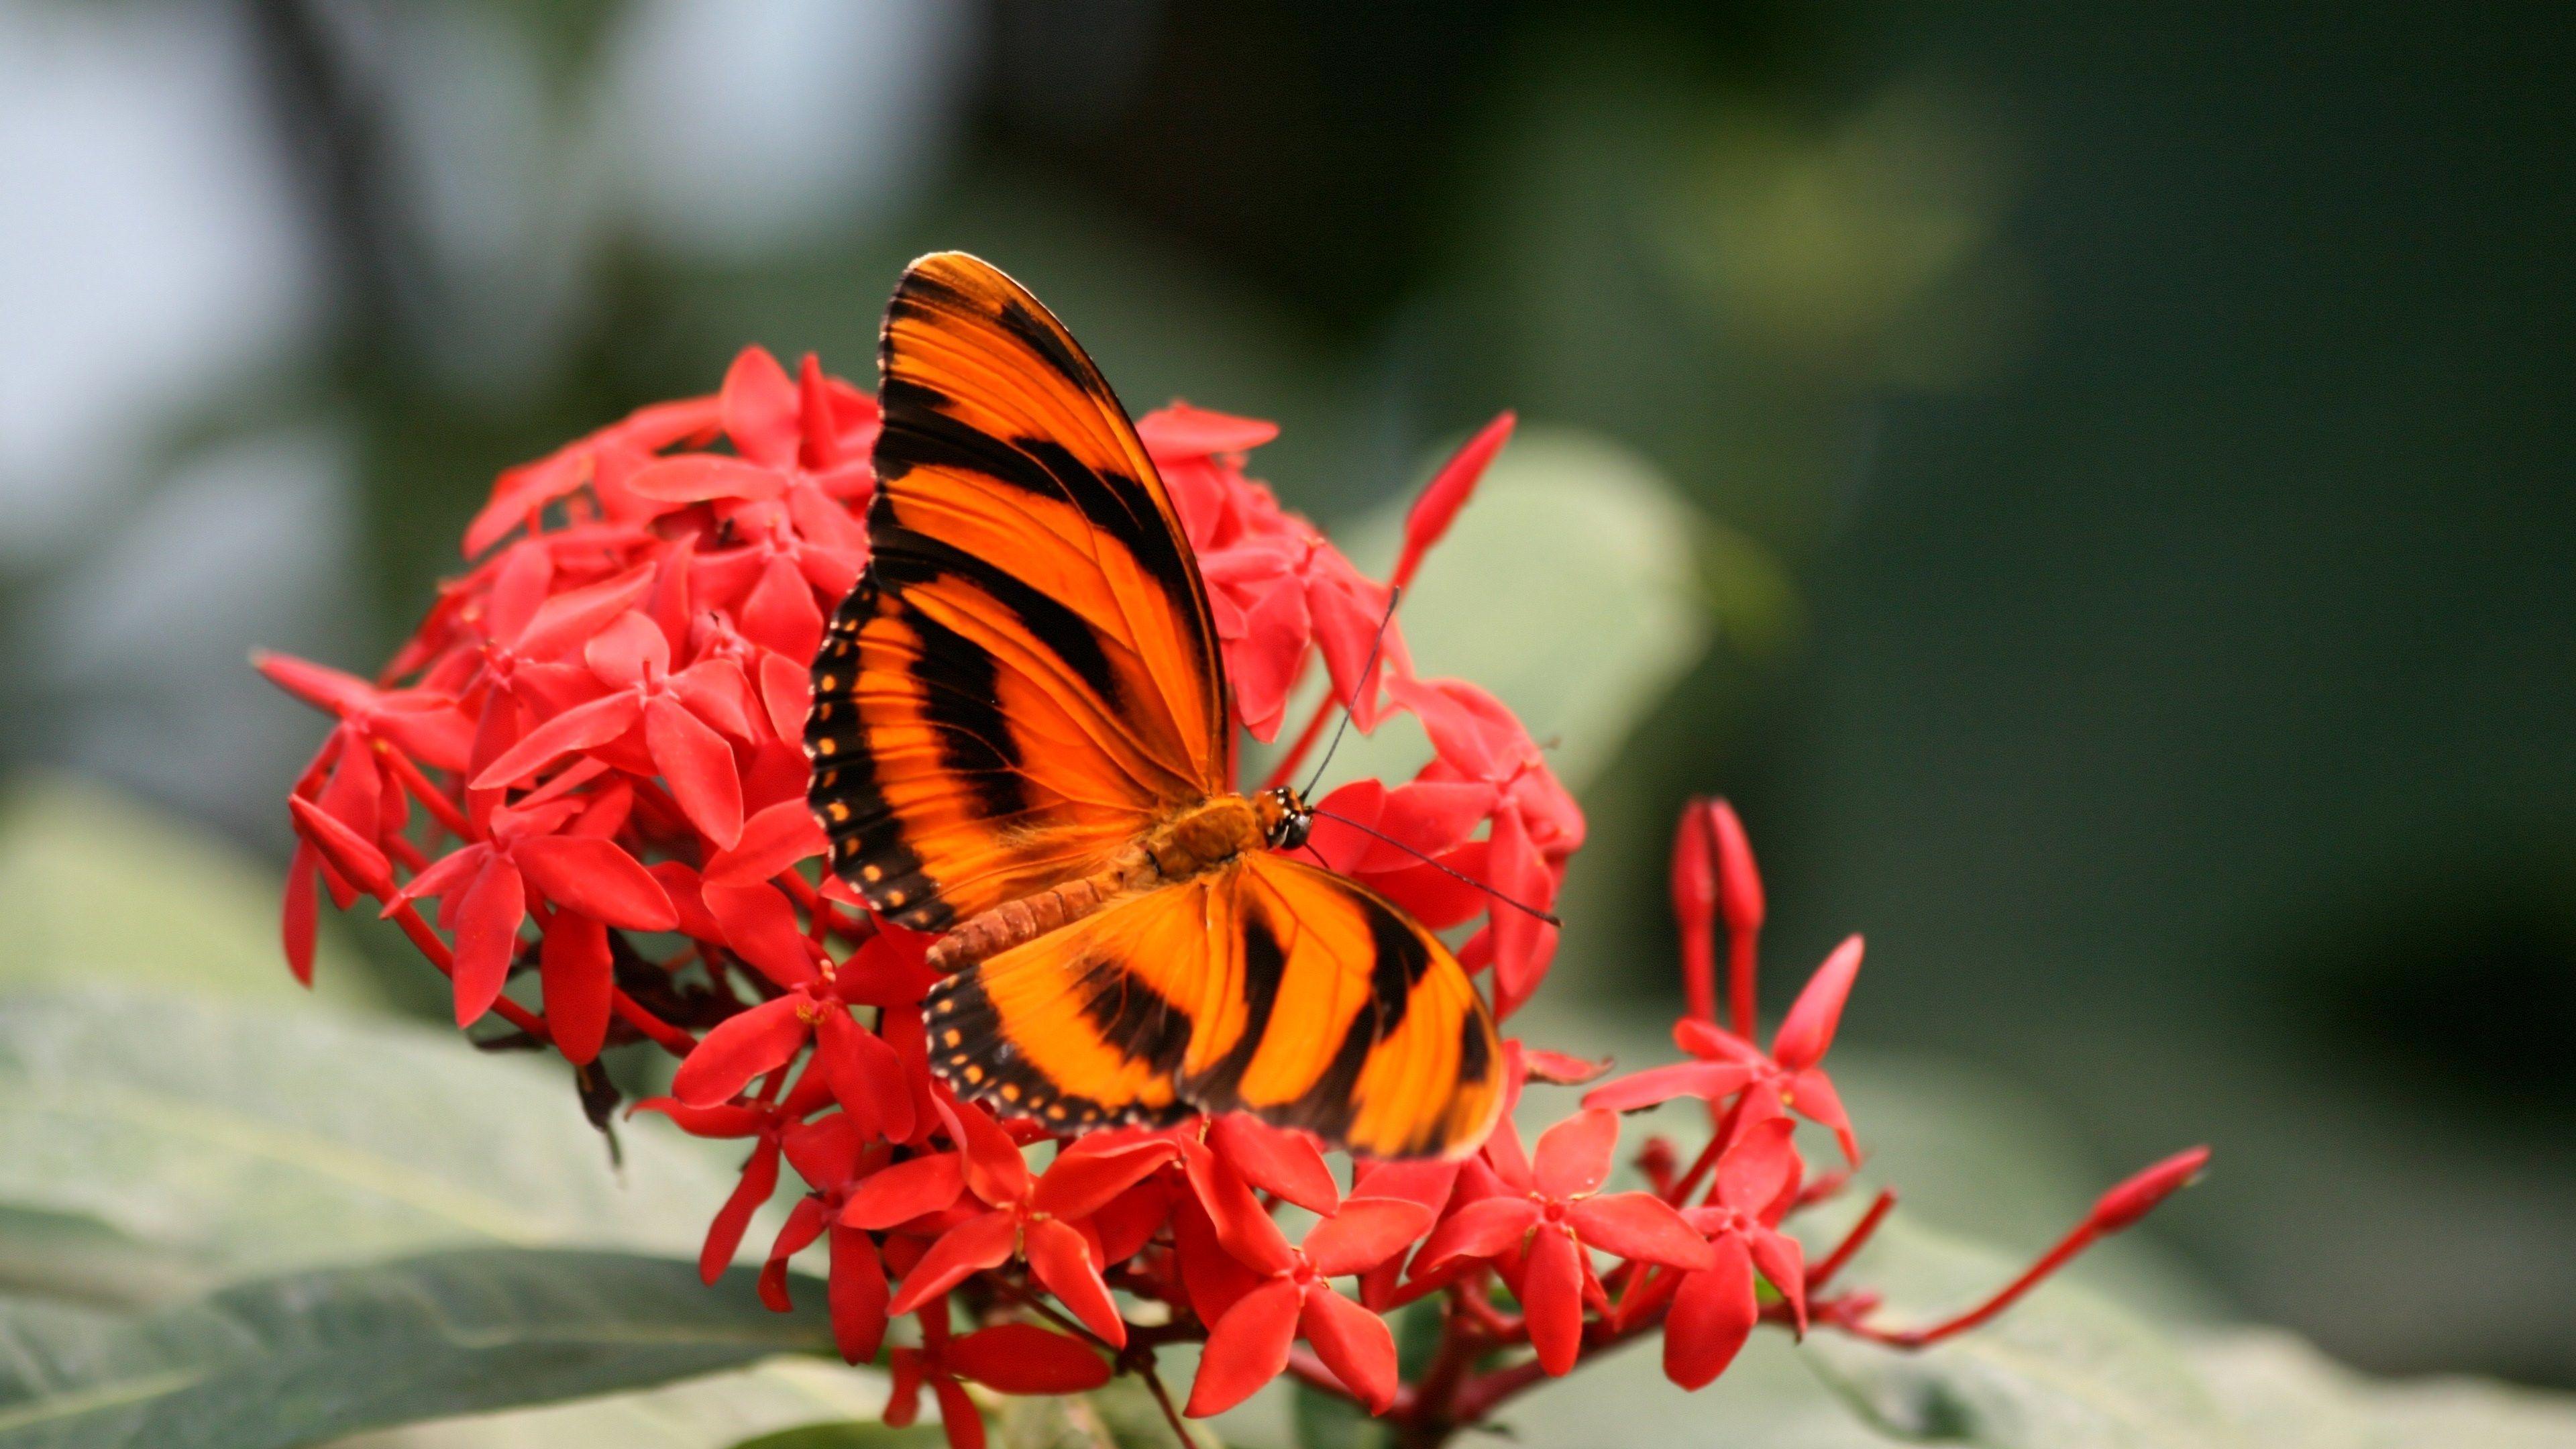 4K Butterfly Wallpapers - Top Free 4K Butterfly ...